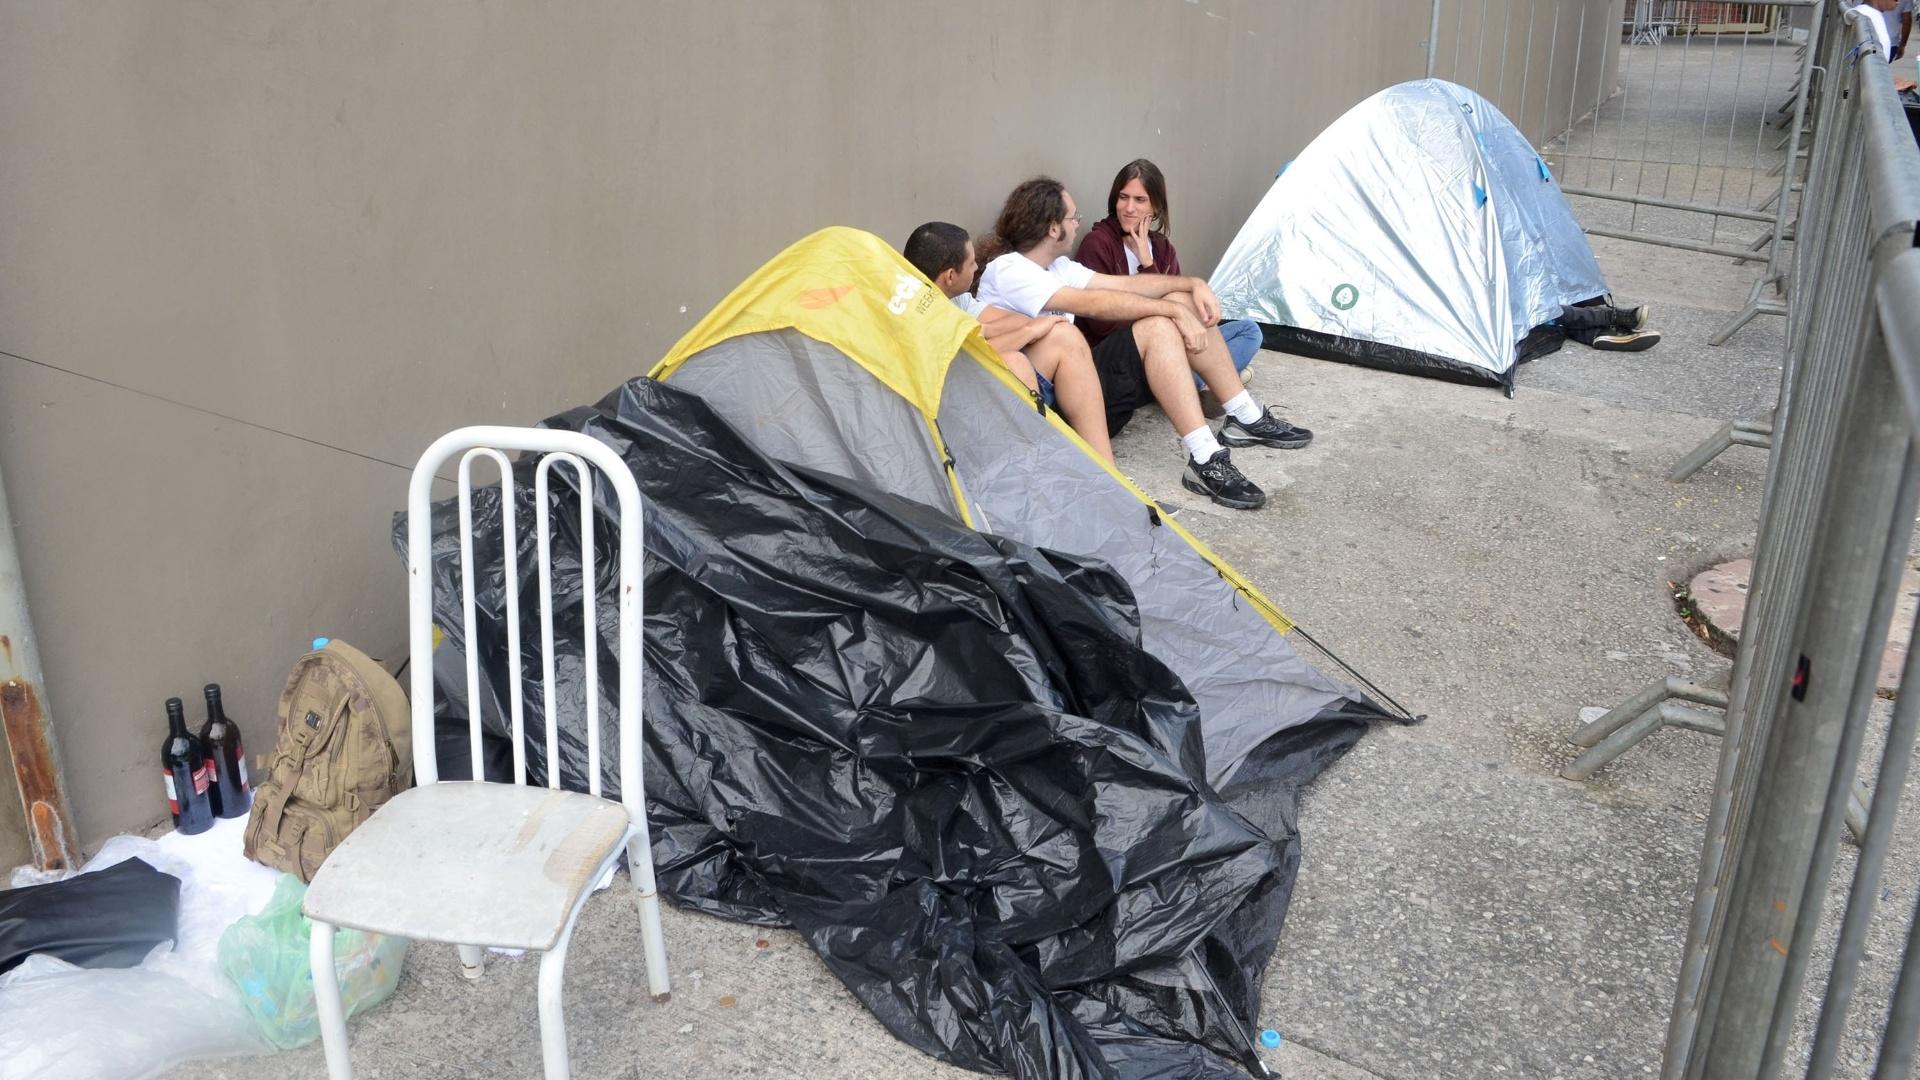 24.fev.2016 - Fãs da banda Rolling Stones dormiram na fila para garantir um lugar perto do palco no show no estádio do Morumbi, em São Paulo.